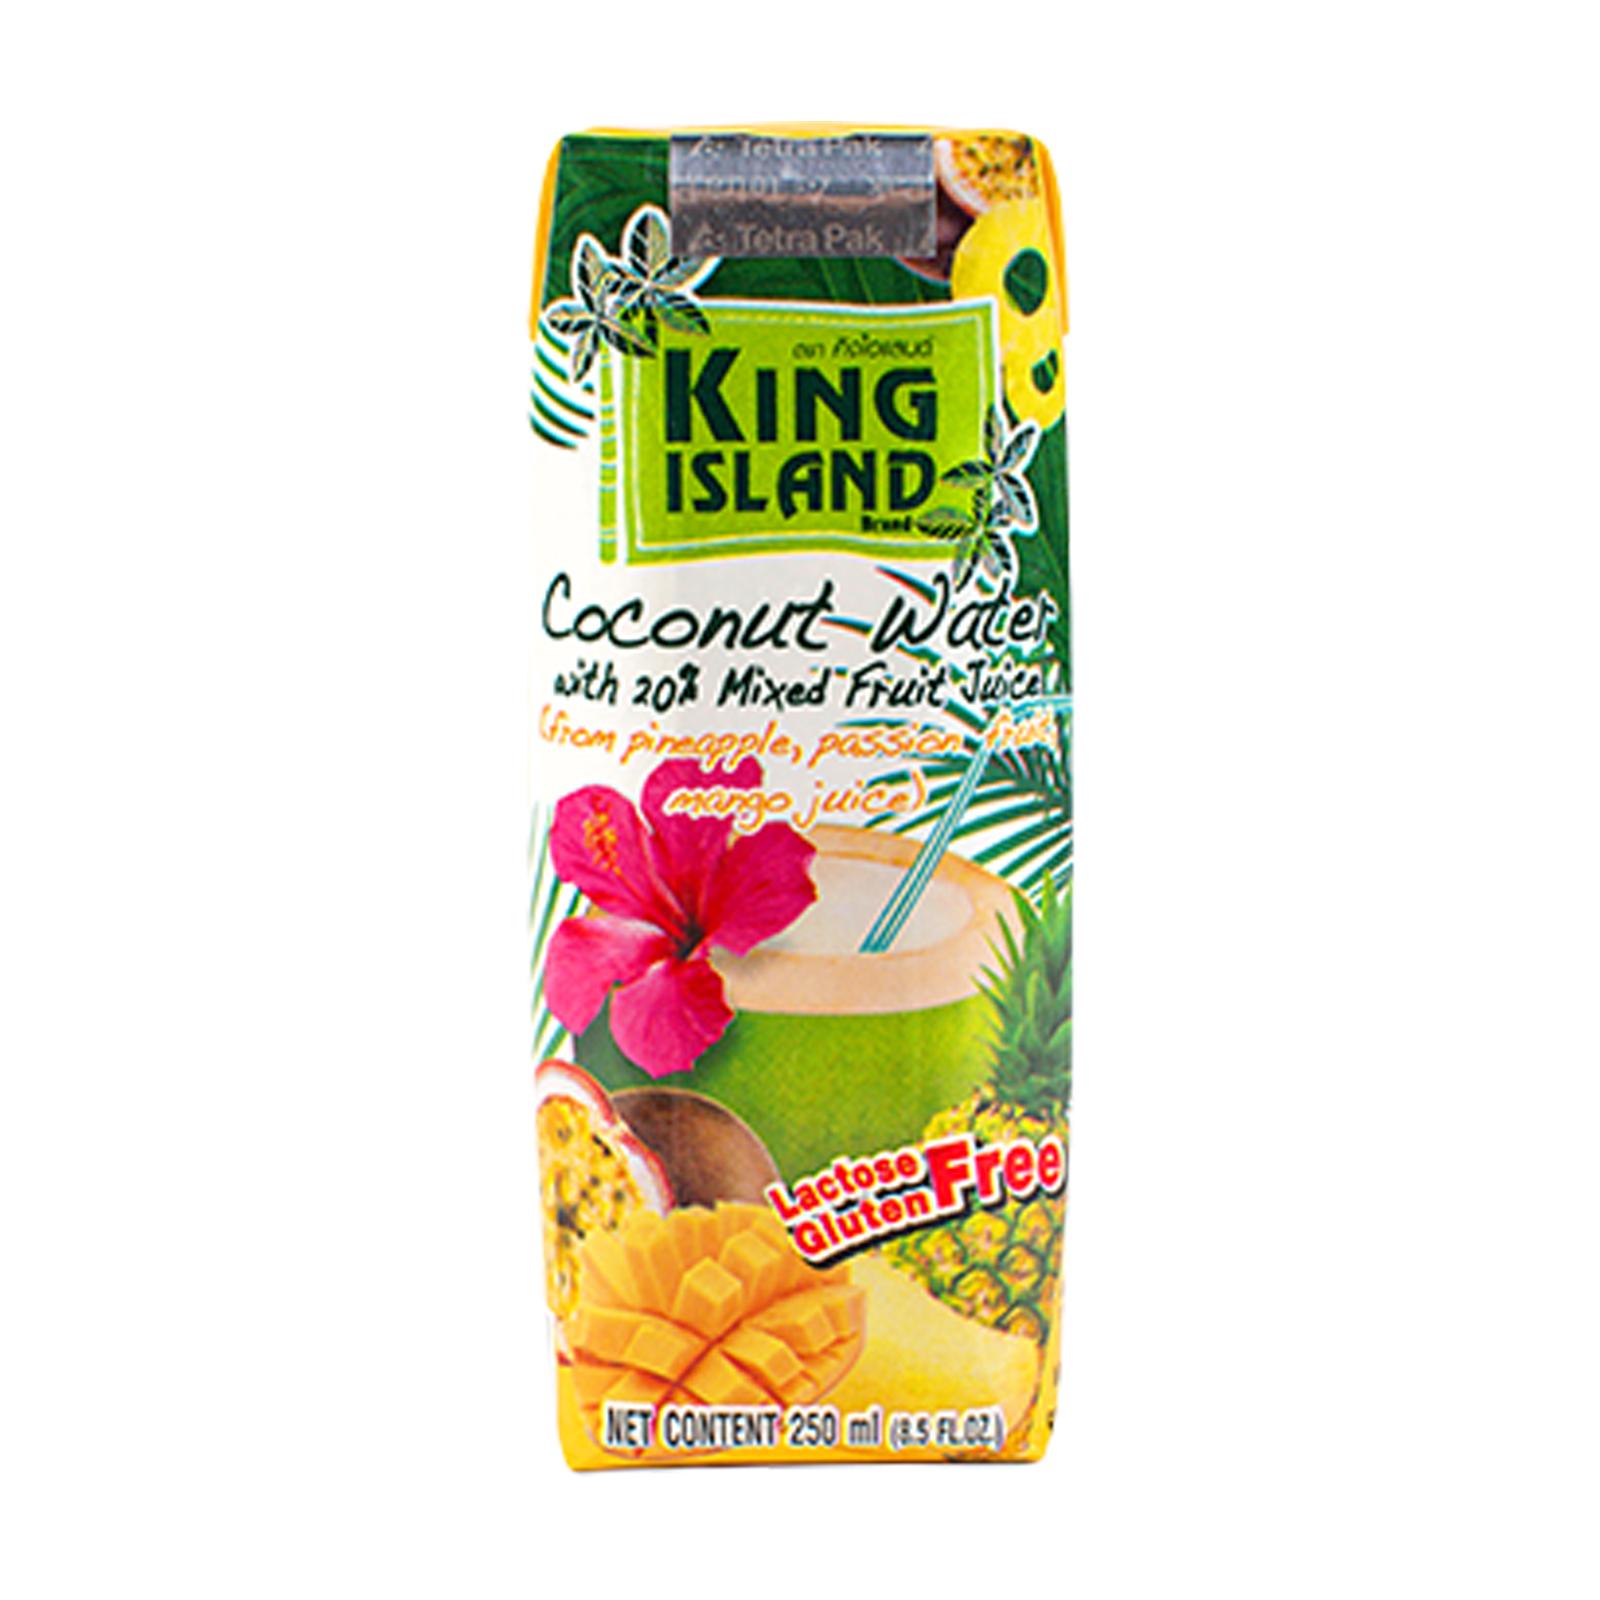 Кокосовая вода с ананасом, маракуйей и манго